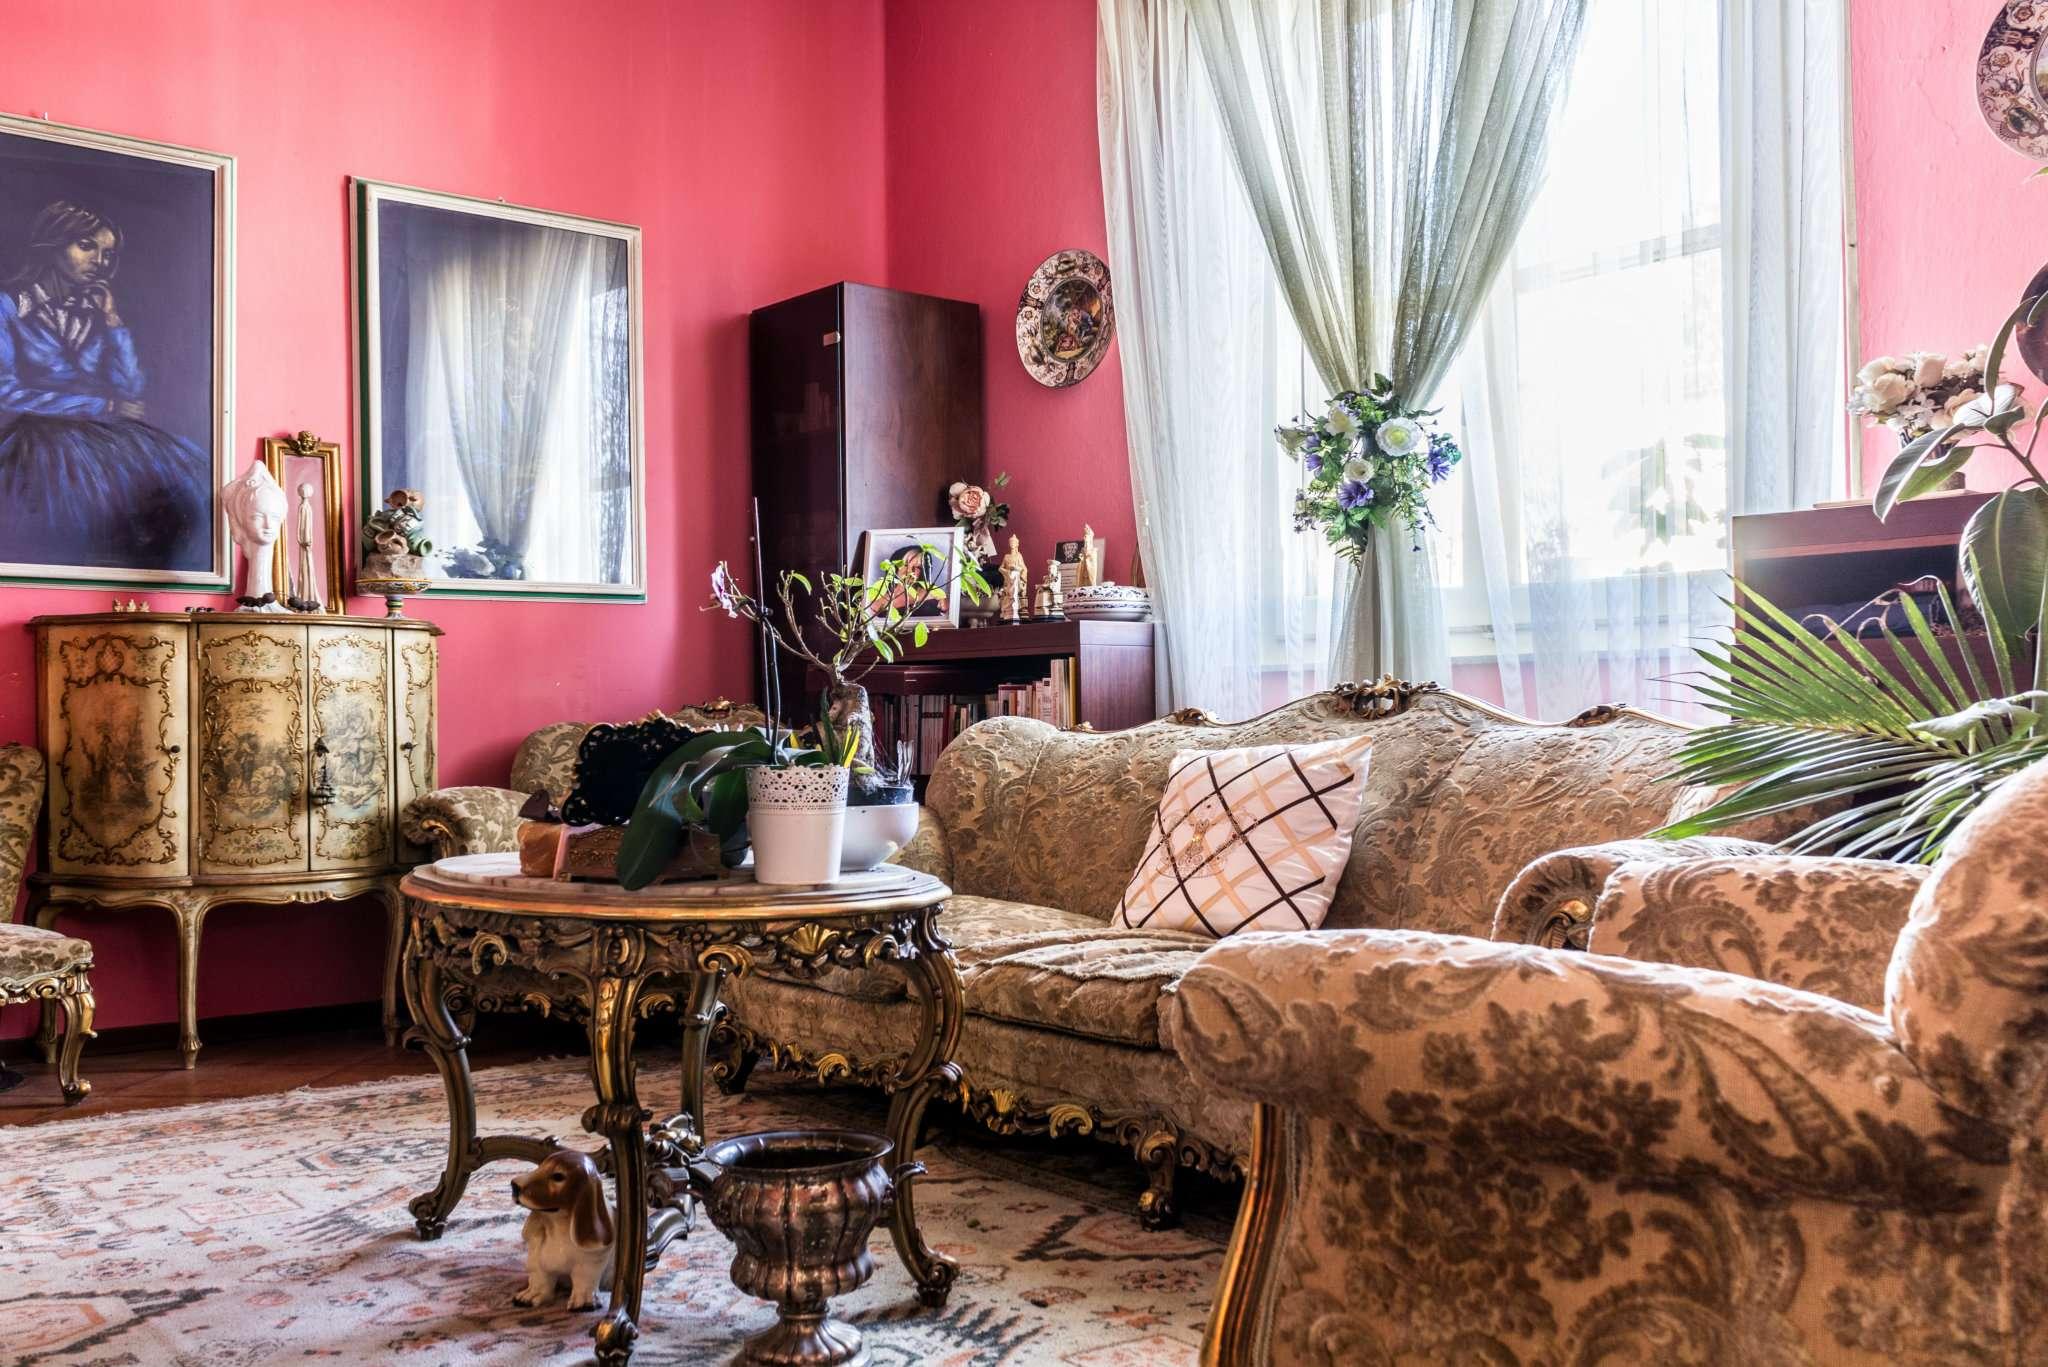 Appartamento in vendita a Forlimpopoli, 7 locali, prezzo € 195.000 | CambioCasa.it